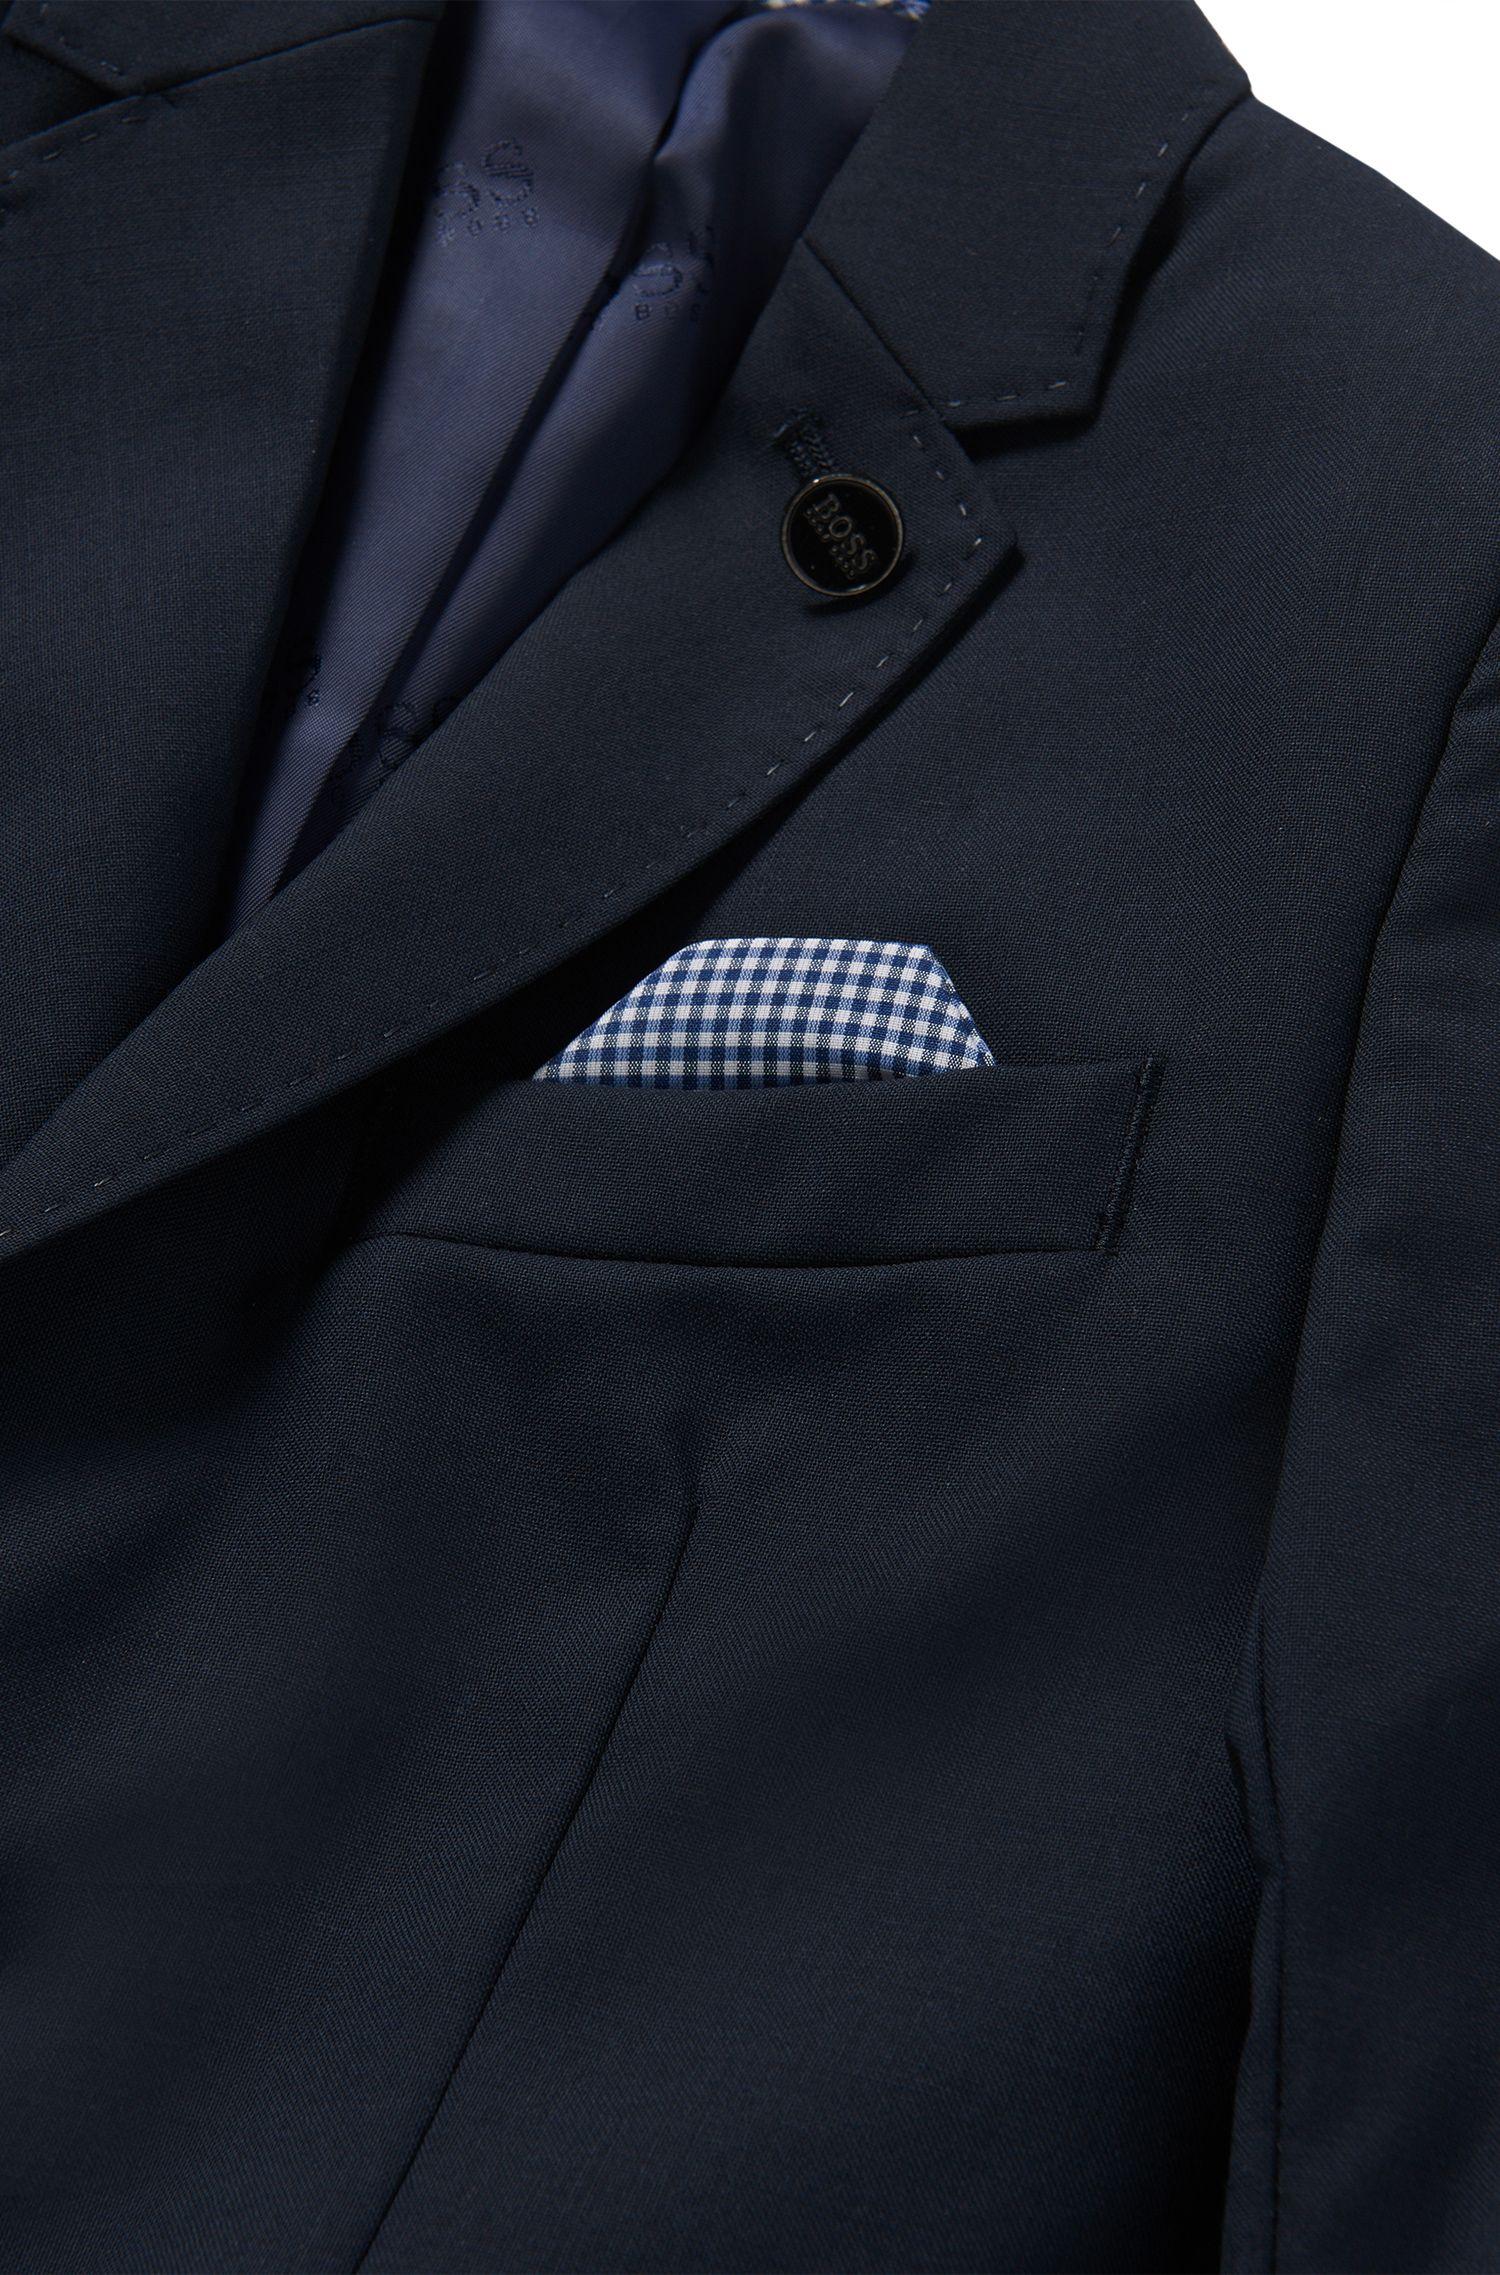 Unifarbenes Kids-Sakko aus Wolle mit integriertem Einstecktuch: 'J26U07'